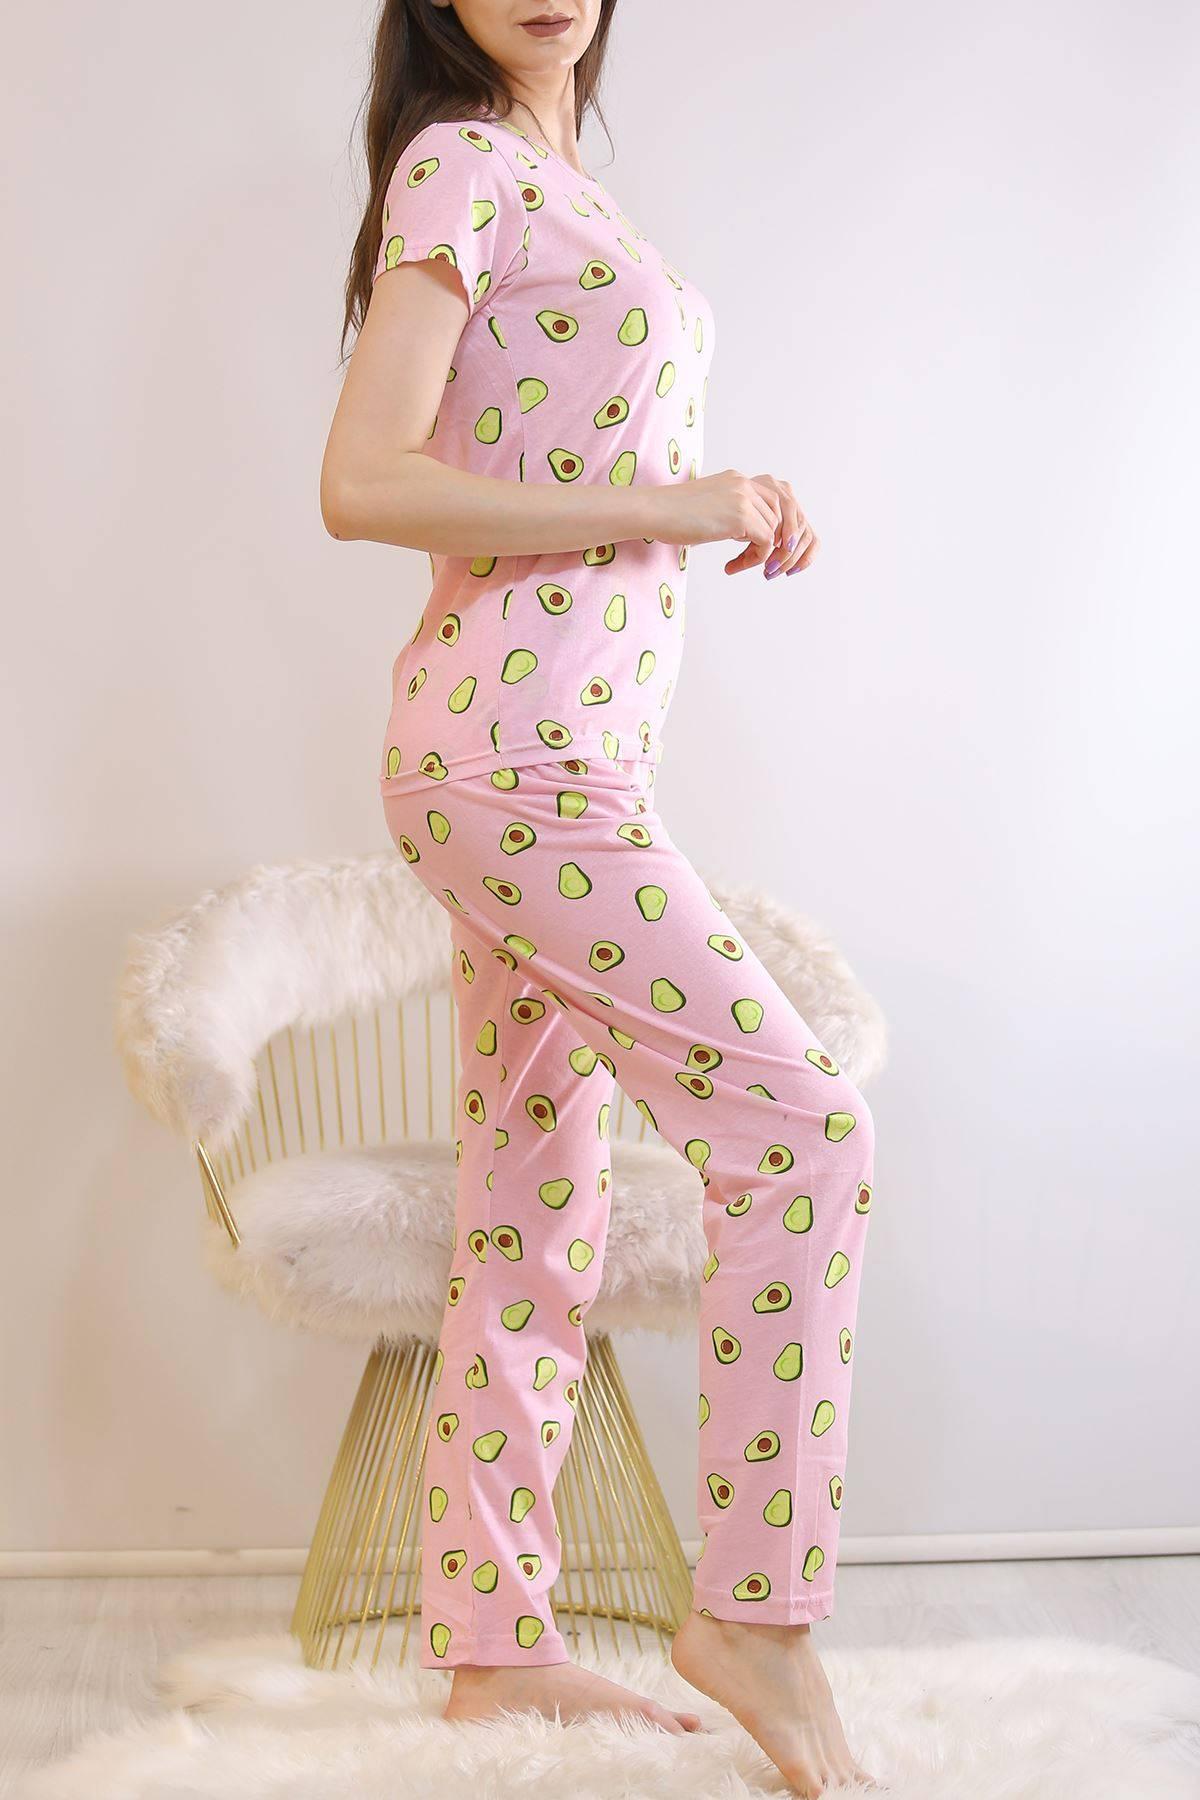 Desenli Pijama Takımı Pembeyeşil - 130.1287.